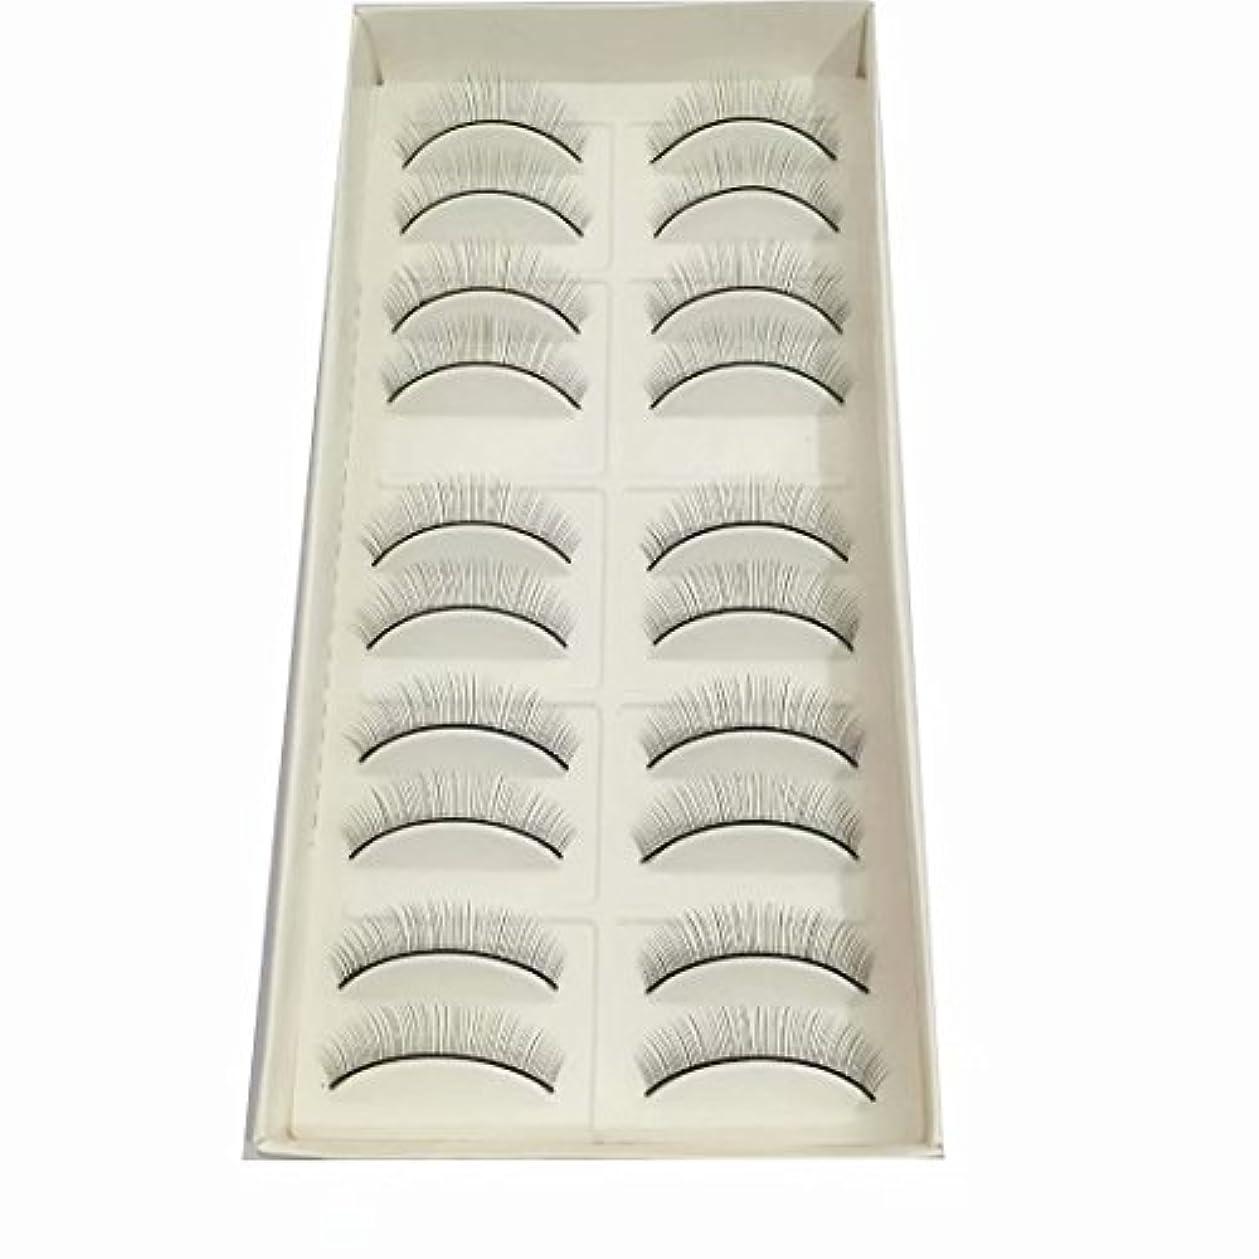 避けられないメロディー受ける練習用つけまつげ トレーニング用睫毛 真ん中から両端に段々短くなる(真ん中だけ8mm) 10ペア入り